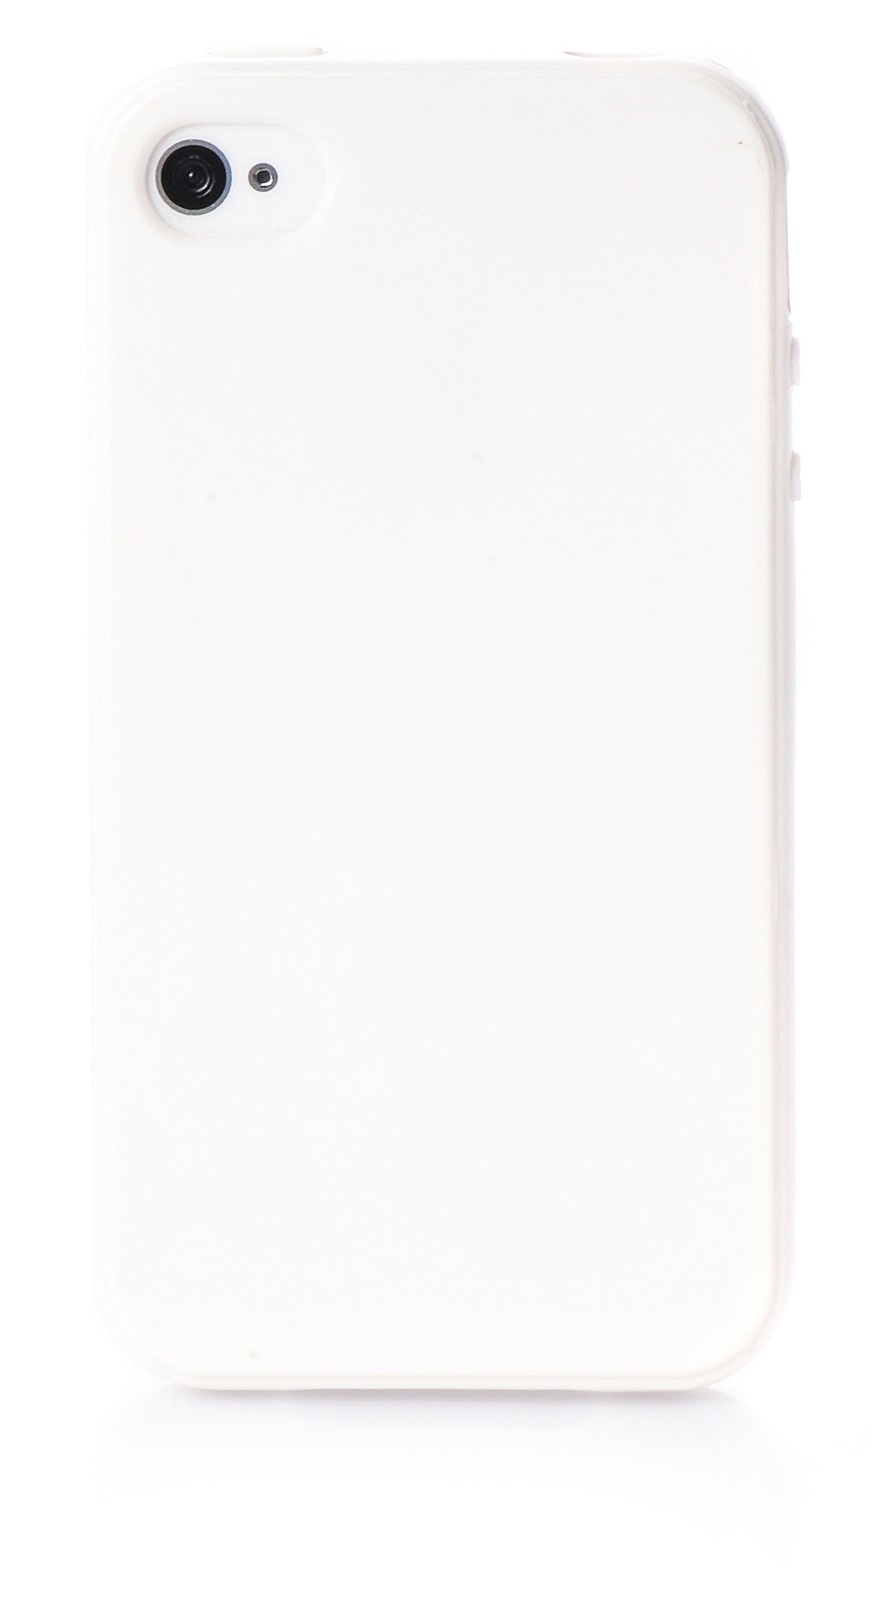 Чехол для сотового телефона iNeez накладка силикон мыльница 150684 для Apple Iphone 4/4s, белый